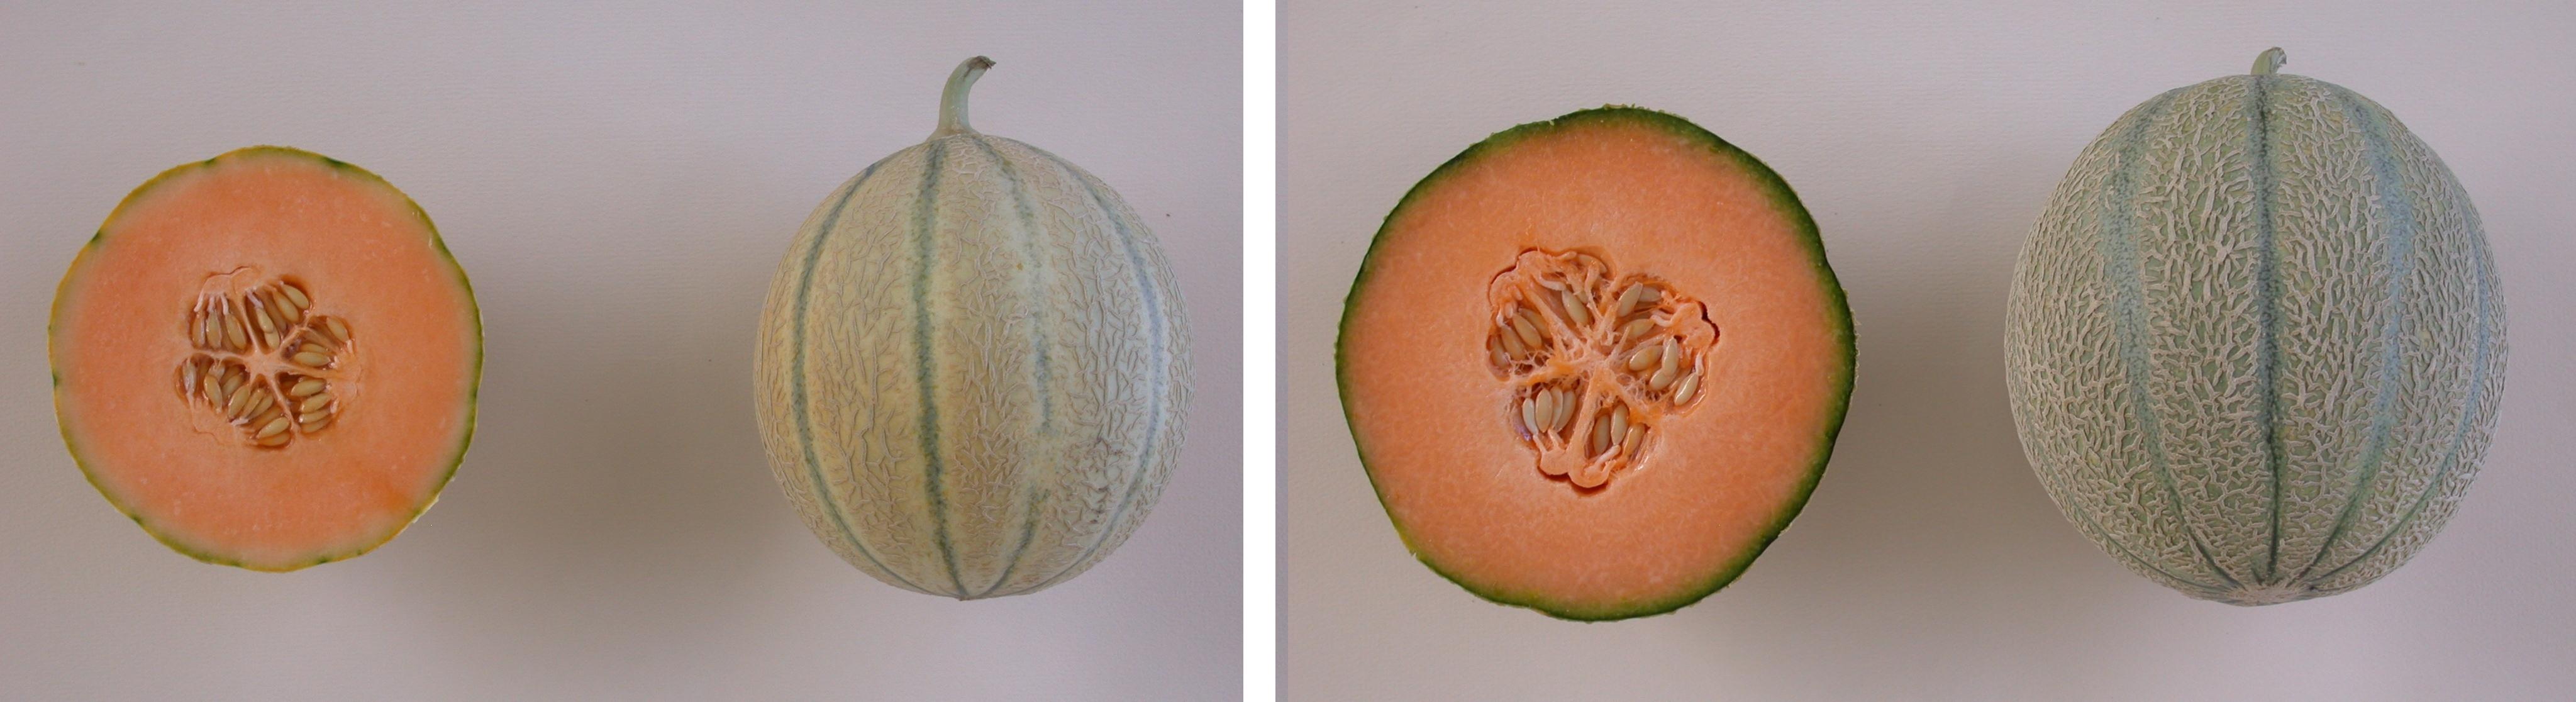 """Les melons de type """"charentais non jaunissant"""" (à droite) ont une durée de conservation après récolte supérieure aux """"charentais jaunissant"""" (à gauche) mais au détriment de la richesse aromatique. Les deux types ont la même teneur en sucres - © G. Seisson/GEVES"""